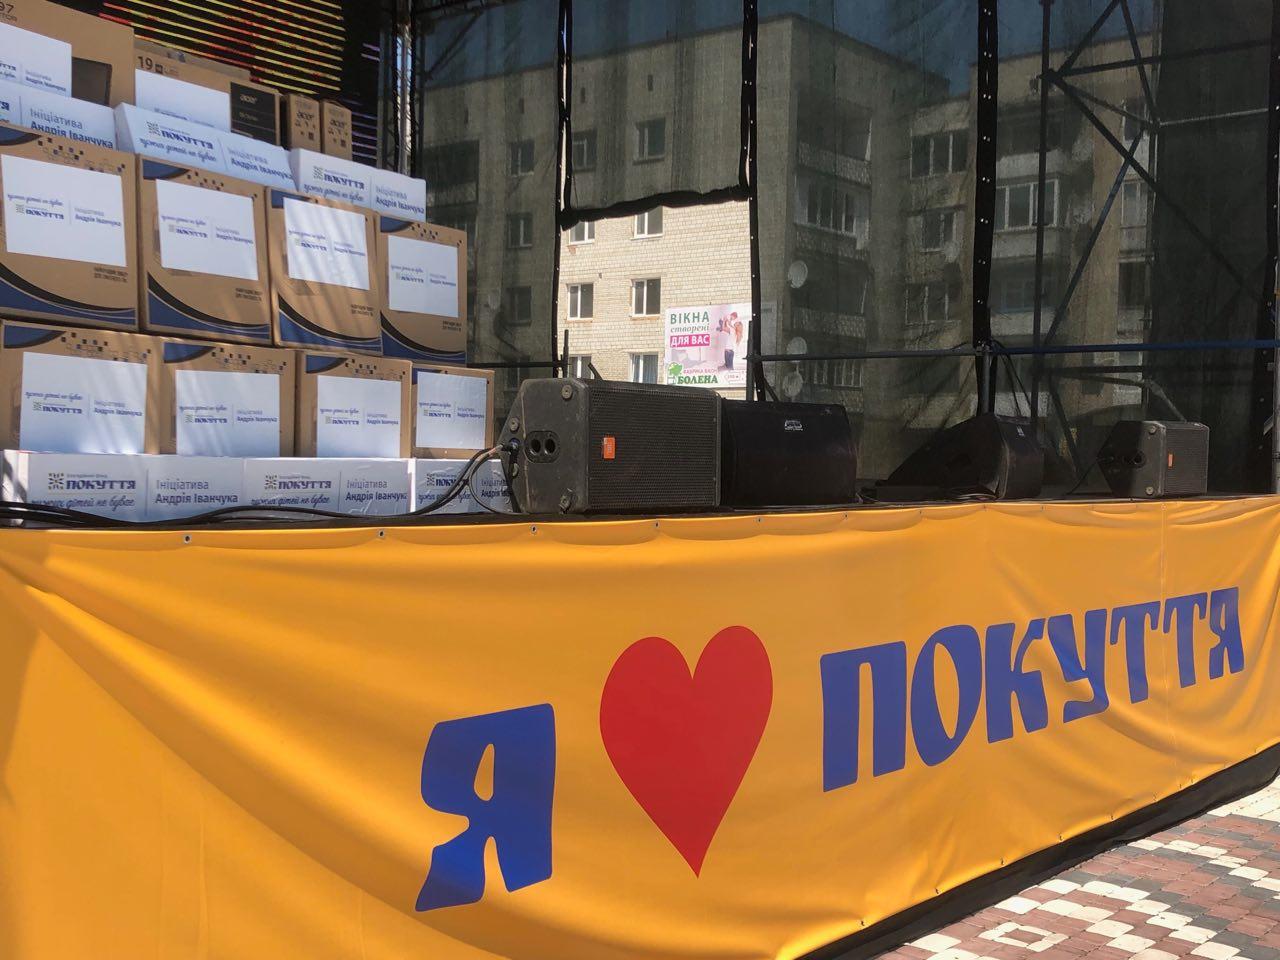 Дитячі майданчики та комп'ютерні класи: у Городенці яскраво відзначили день захисту дітей. ФОТО 8